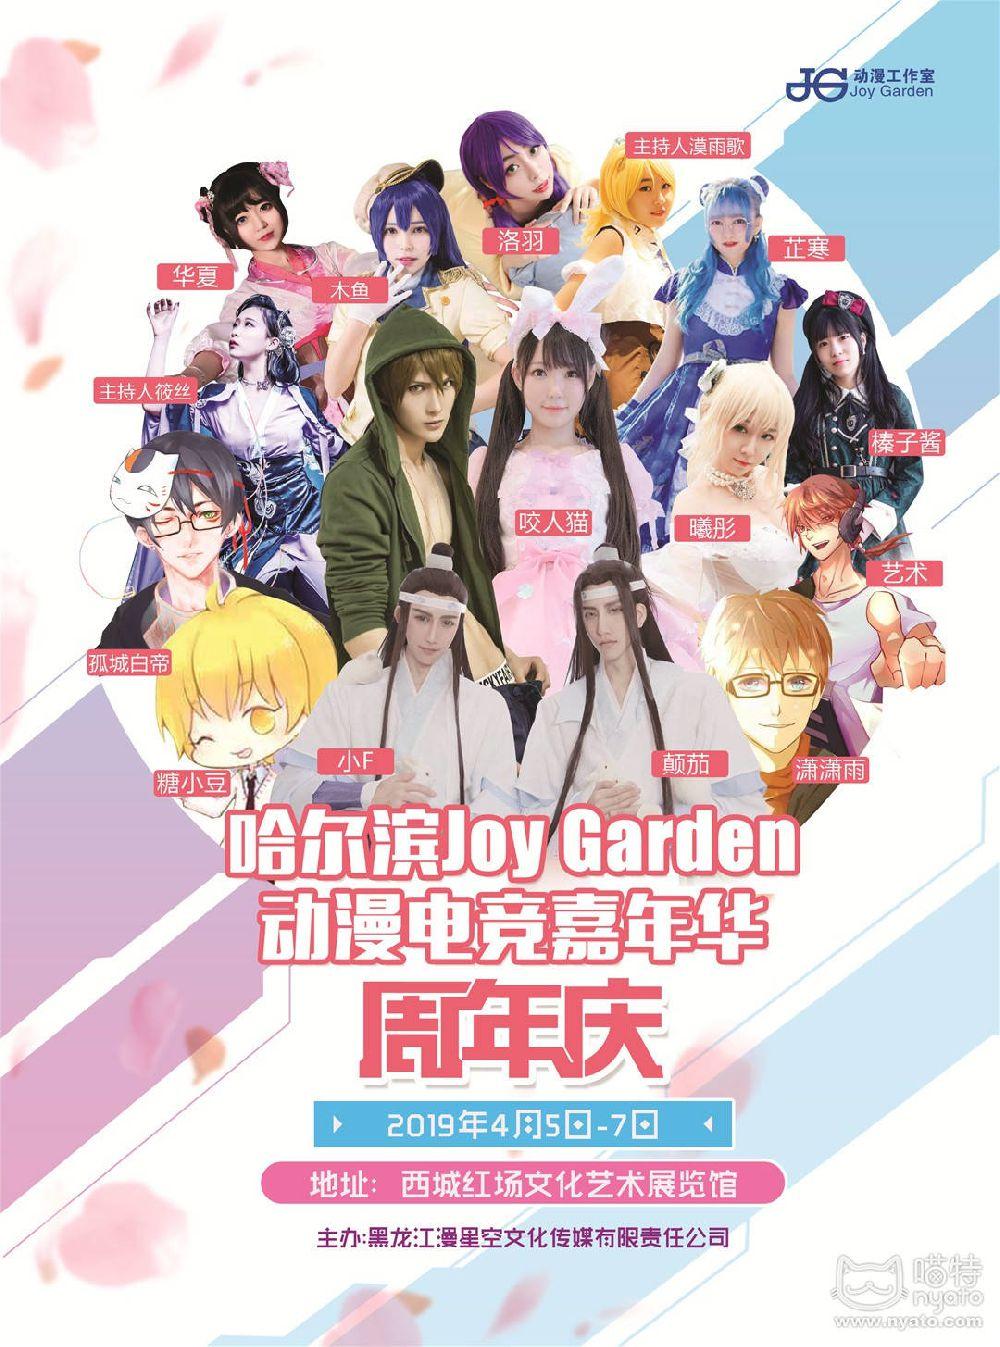 2019哈尔滨清明节漫展活动汇总(持续更新)